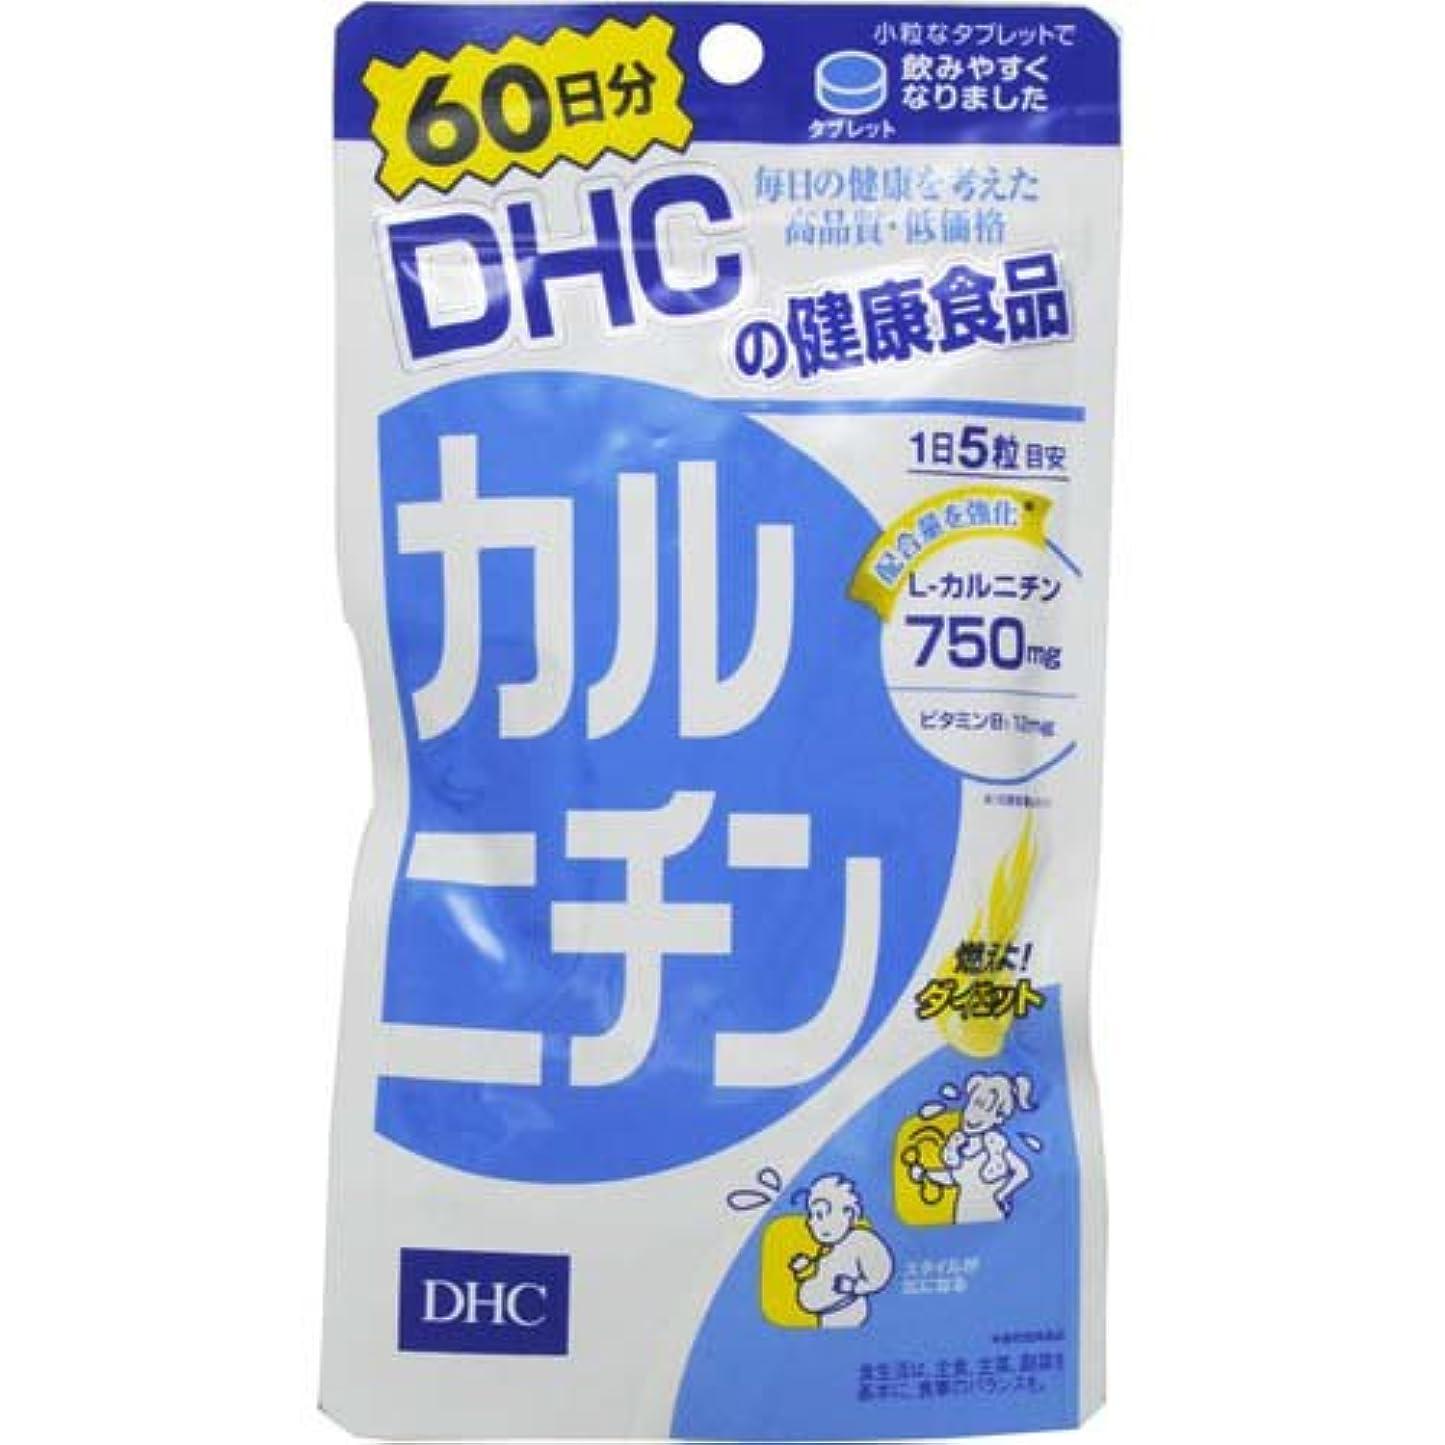 ナサニエル区薬裏切りDHC カルニチン 60日分 300粒